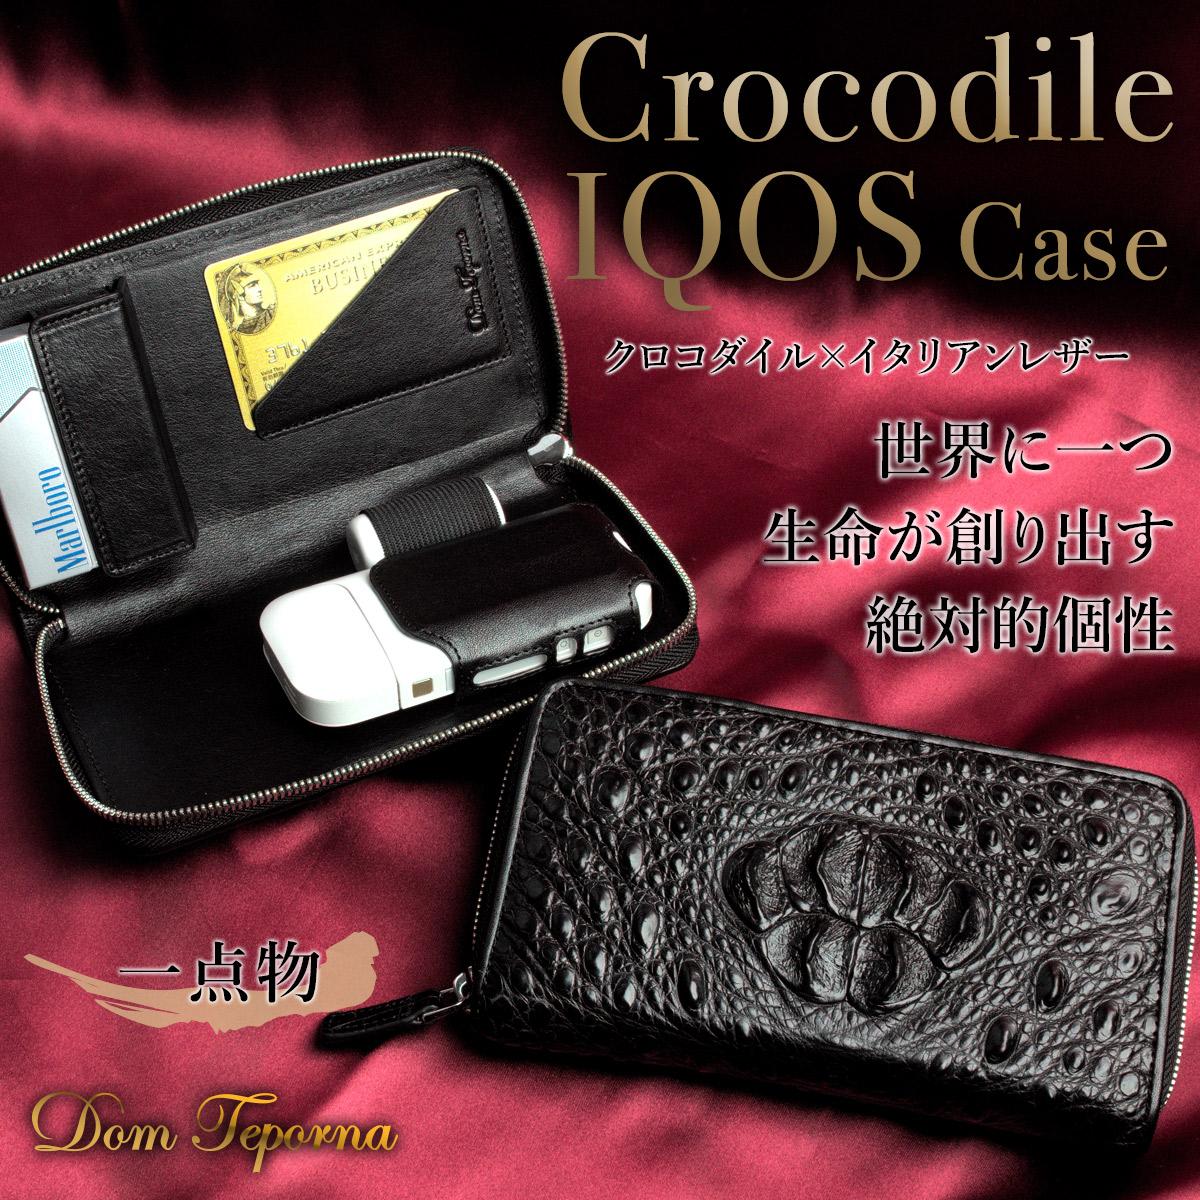 完全一点モノ 高品質クロコダイル一枚革 財布型 iQOSケース ヘッド・クラウン アウターにクロコダイル インナーにイタリアンレザー使用 レザー買付けから製造まで自社管理 高級鰐革 メンズ レディース アイコスケース